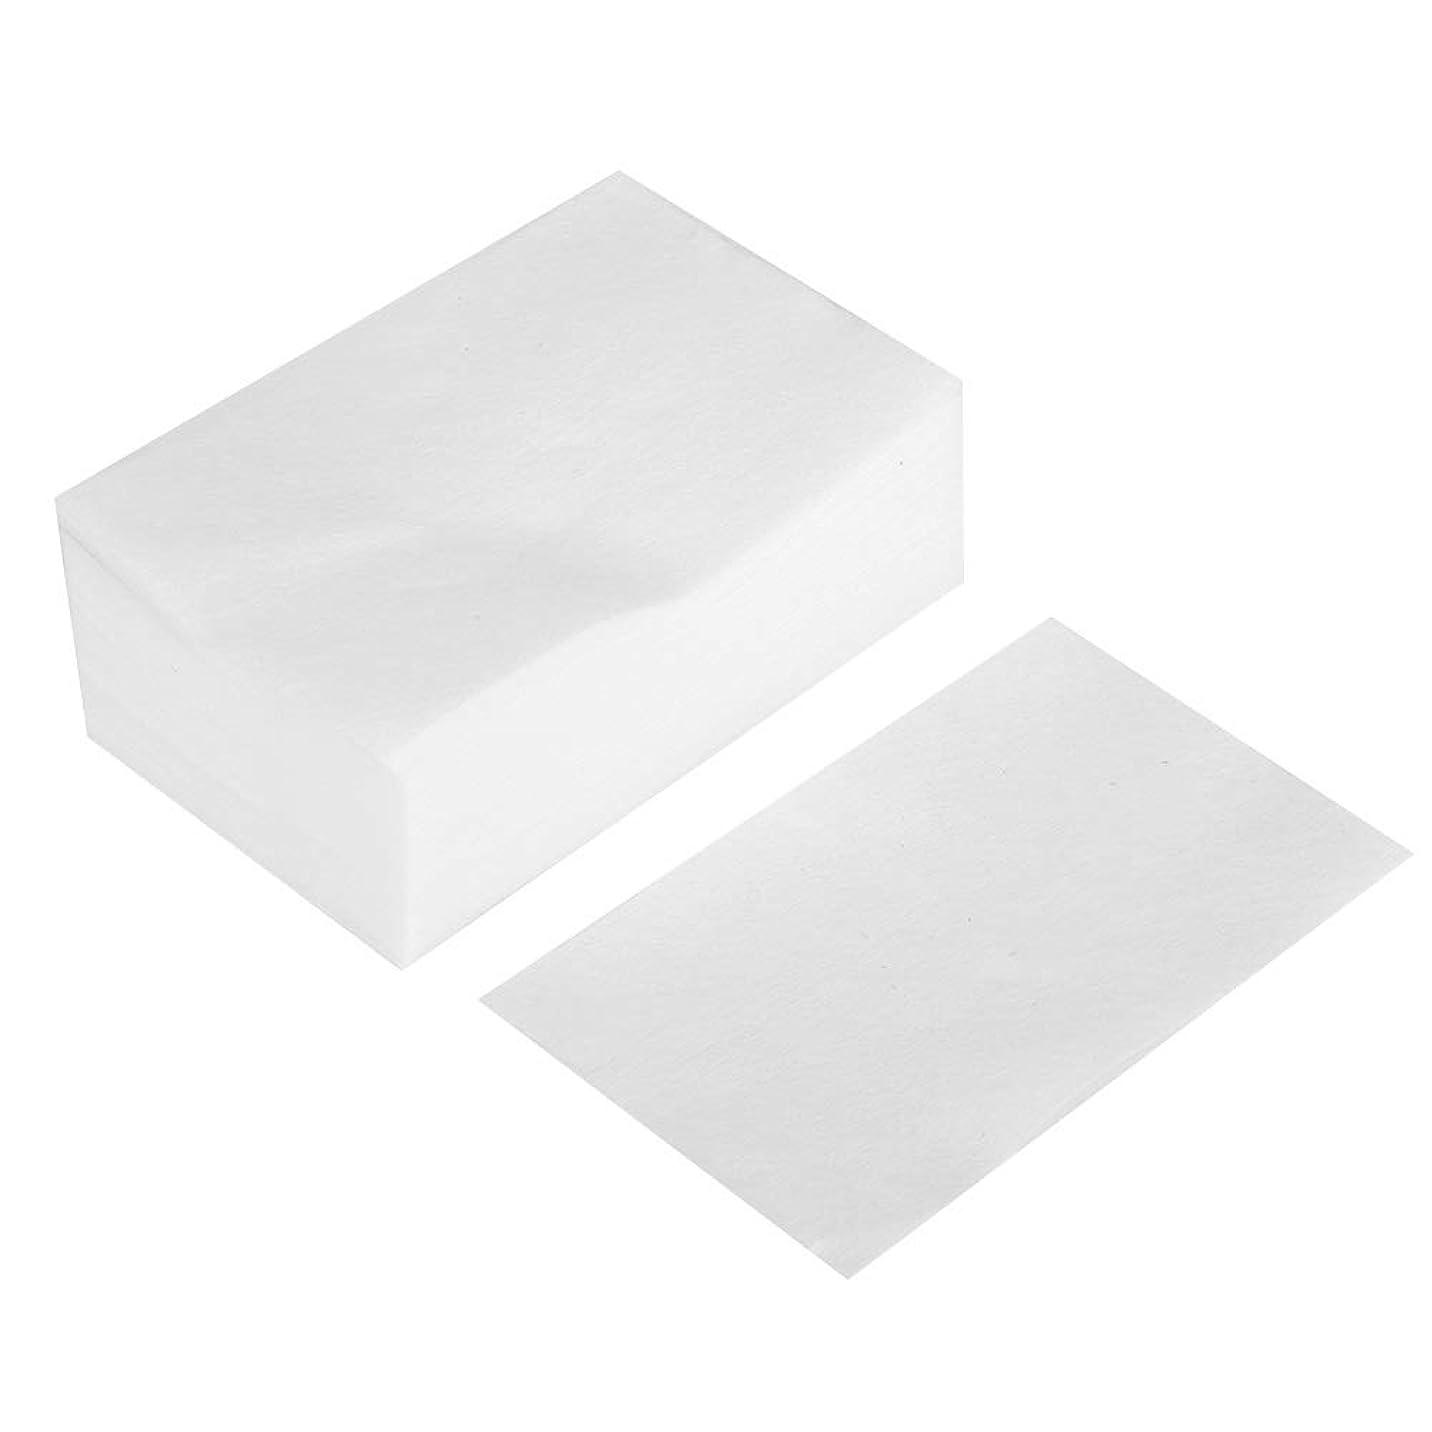 清める意志アプローチメイク落とし - 100個/箱使い捨てメイクアップコットンパッド化粧品リムーバークリーニングワイプ